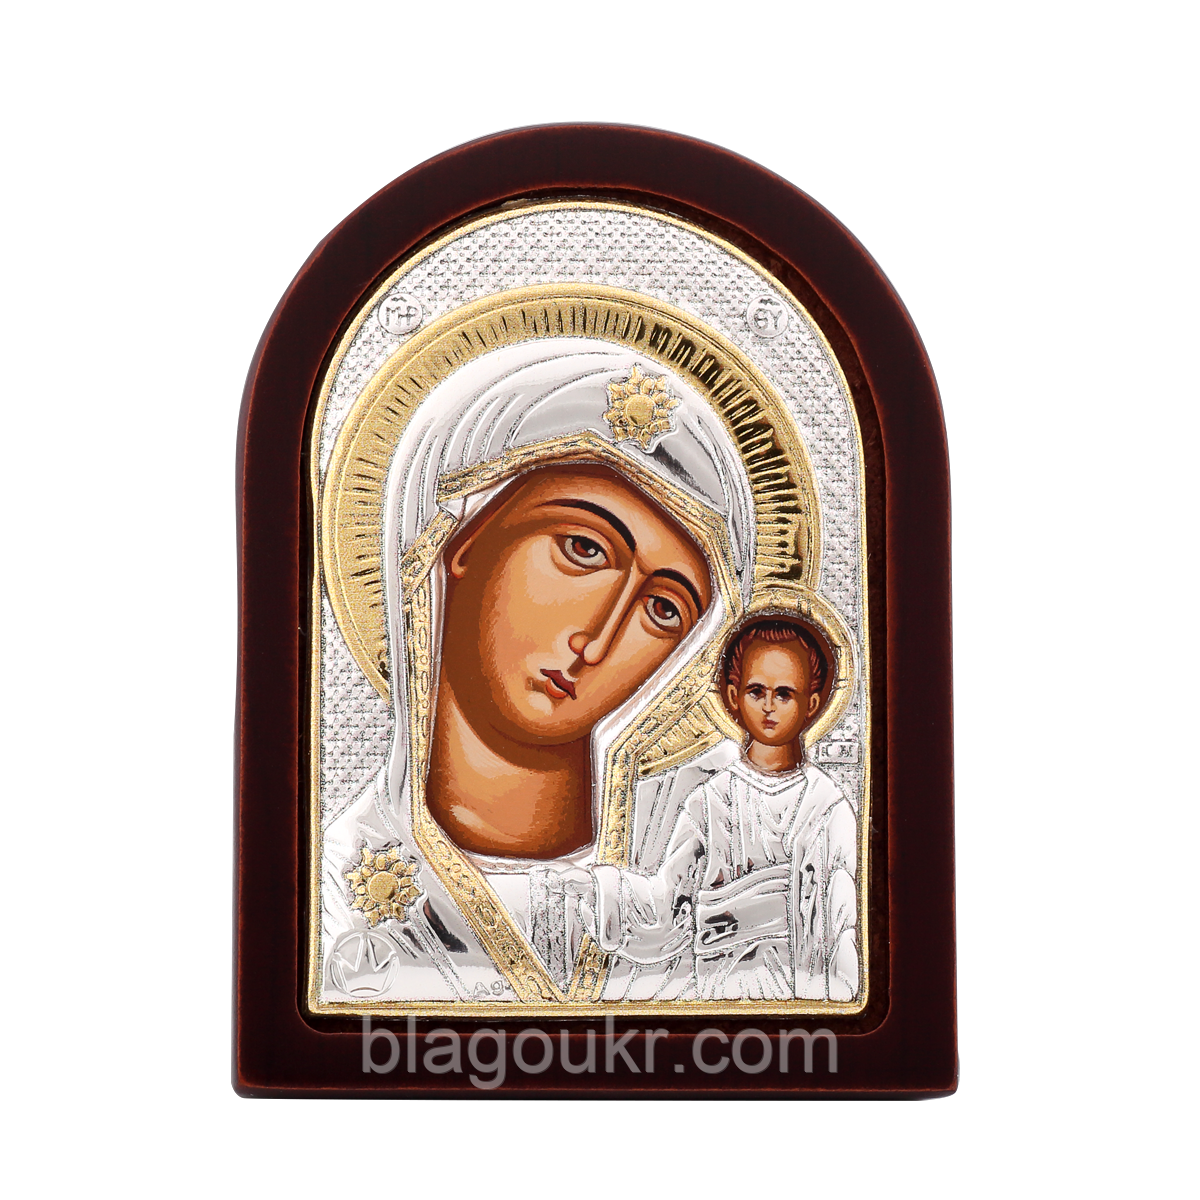 Икона Богородица Казанская с магнитом